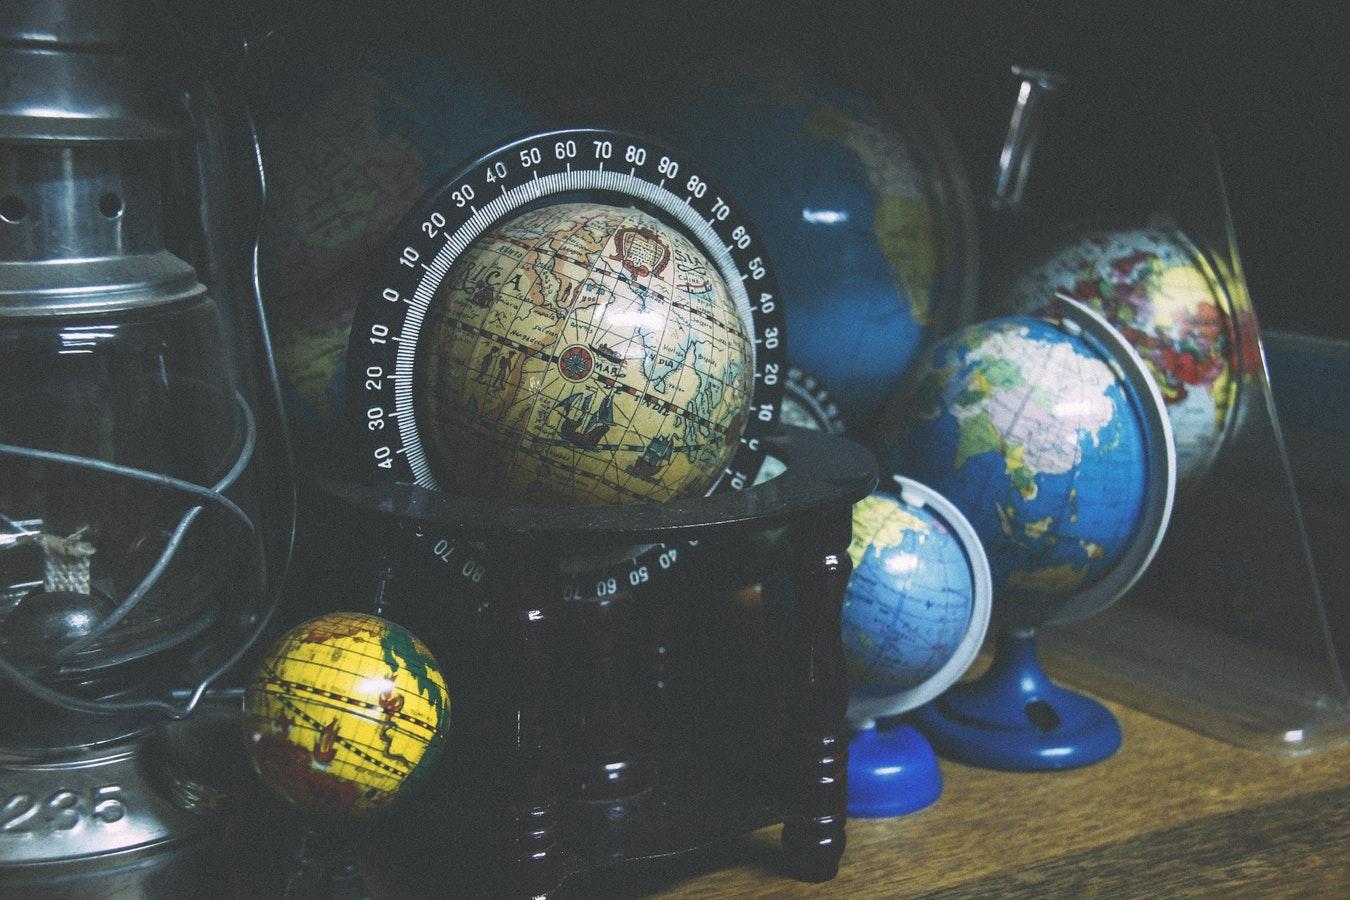 Timpul se comprimă simultan cu scăderea vitezei de rotaţie a Terrei în jurul axei sale